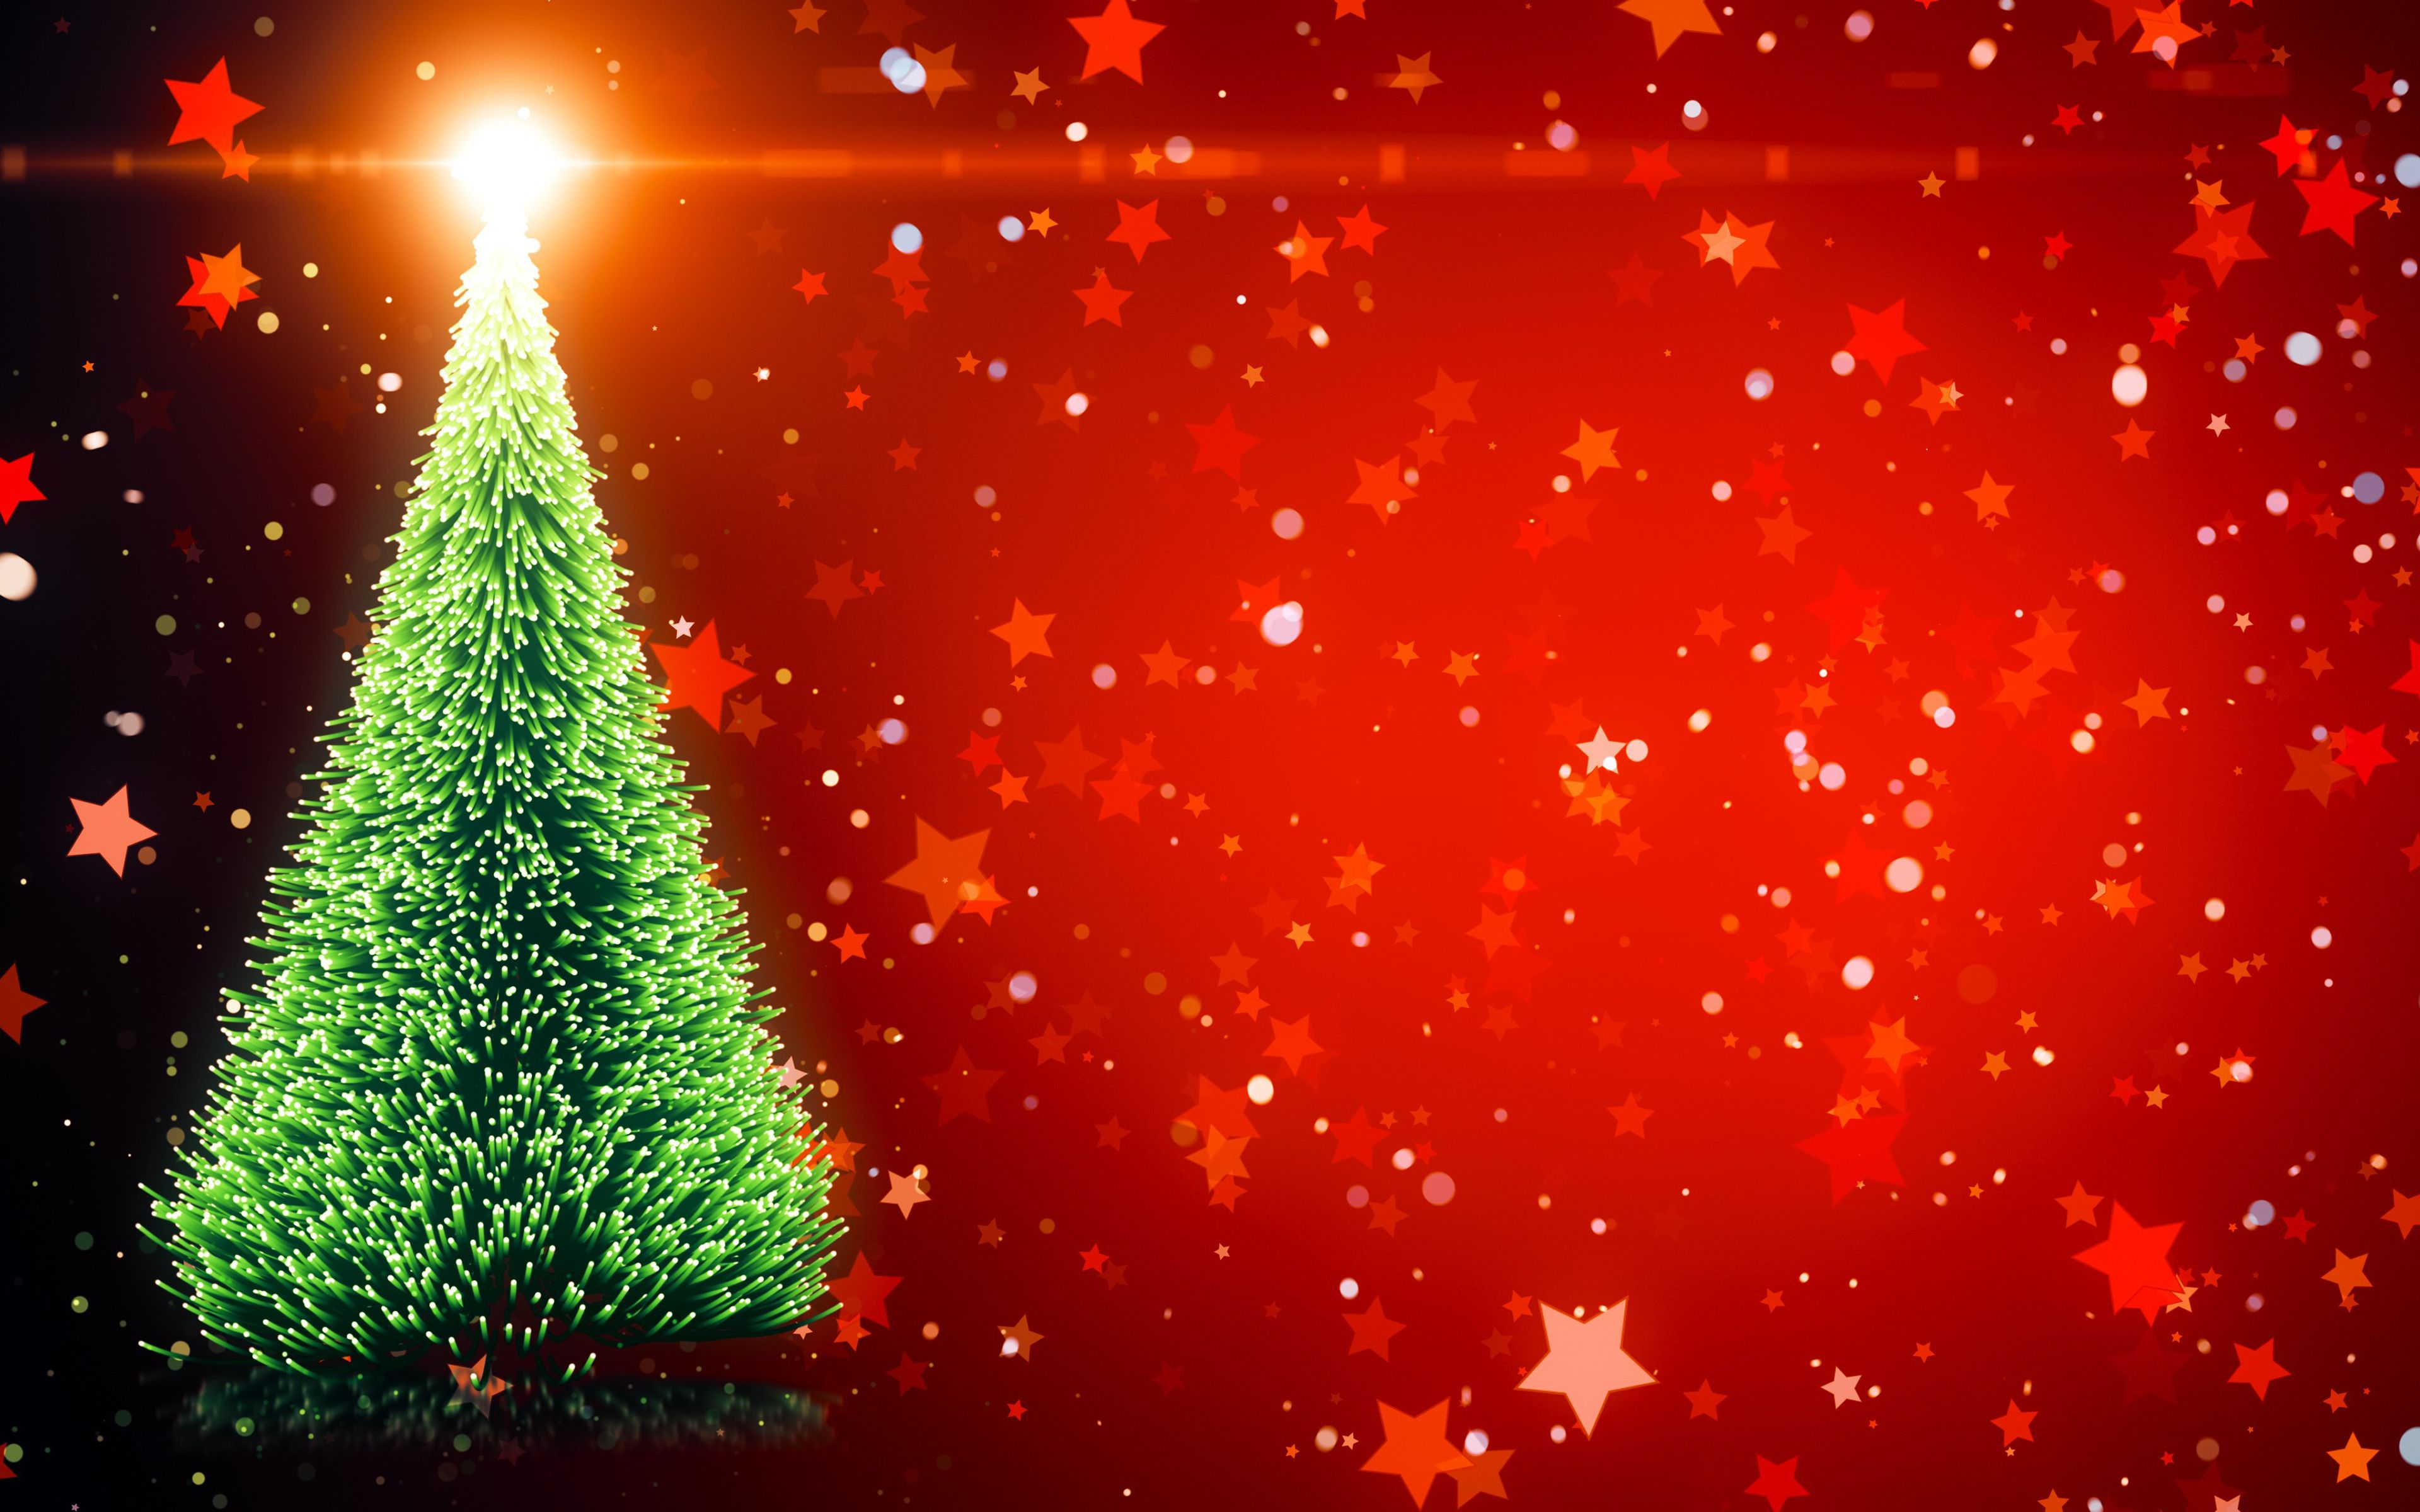 Sfondi Natalizi Oro.Albero Di Natale 4k Decorazioni Di Natale Stelle Felice Anno